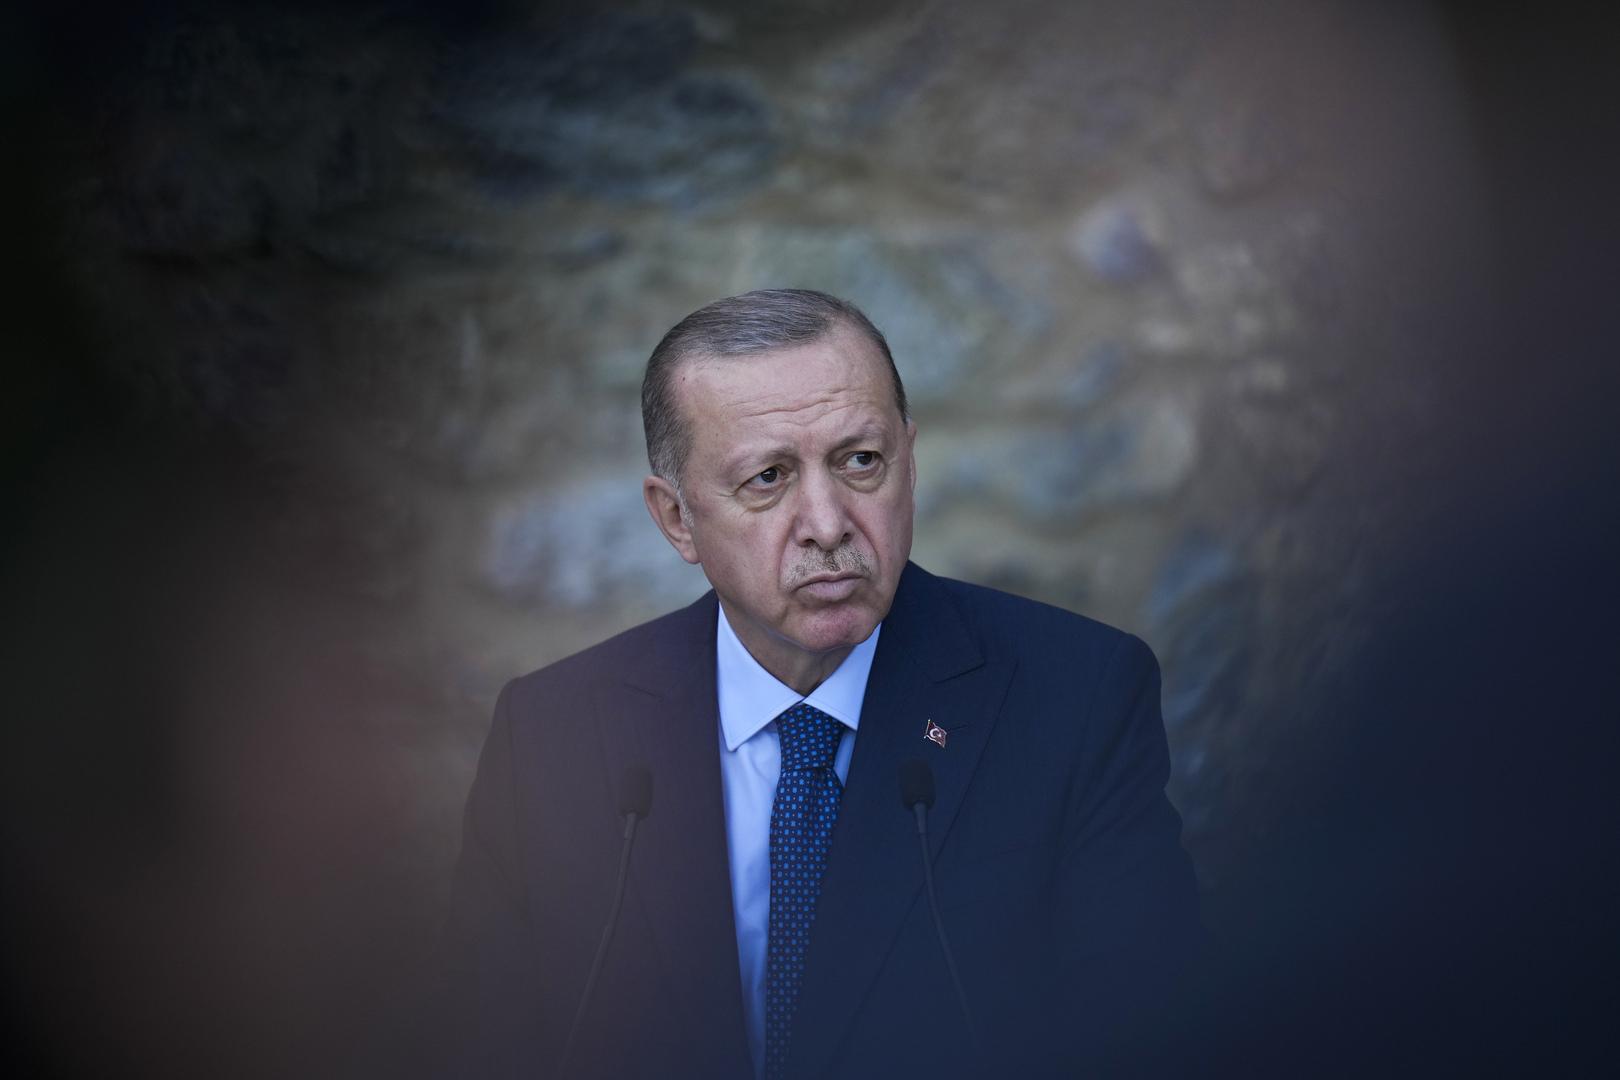 وسائل إعلام: الخارجية التركية حاولت إقناع أردوغان بعدم ترحيل السفراء الـ10